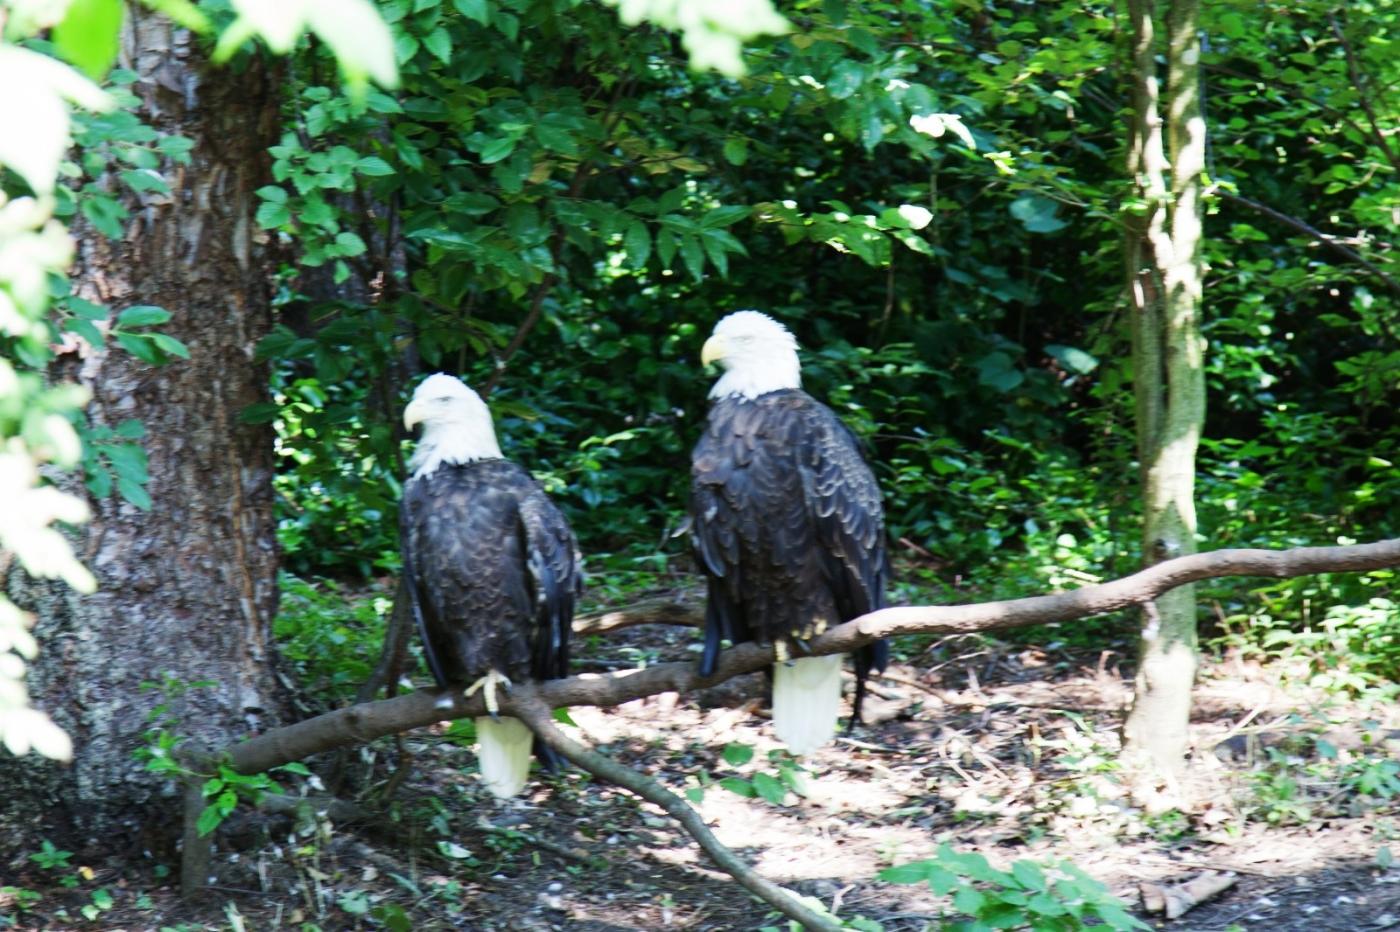 动物园花絮(摄于布朗士动物园,皇后区动物园)_图1-25